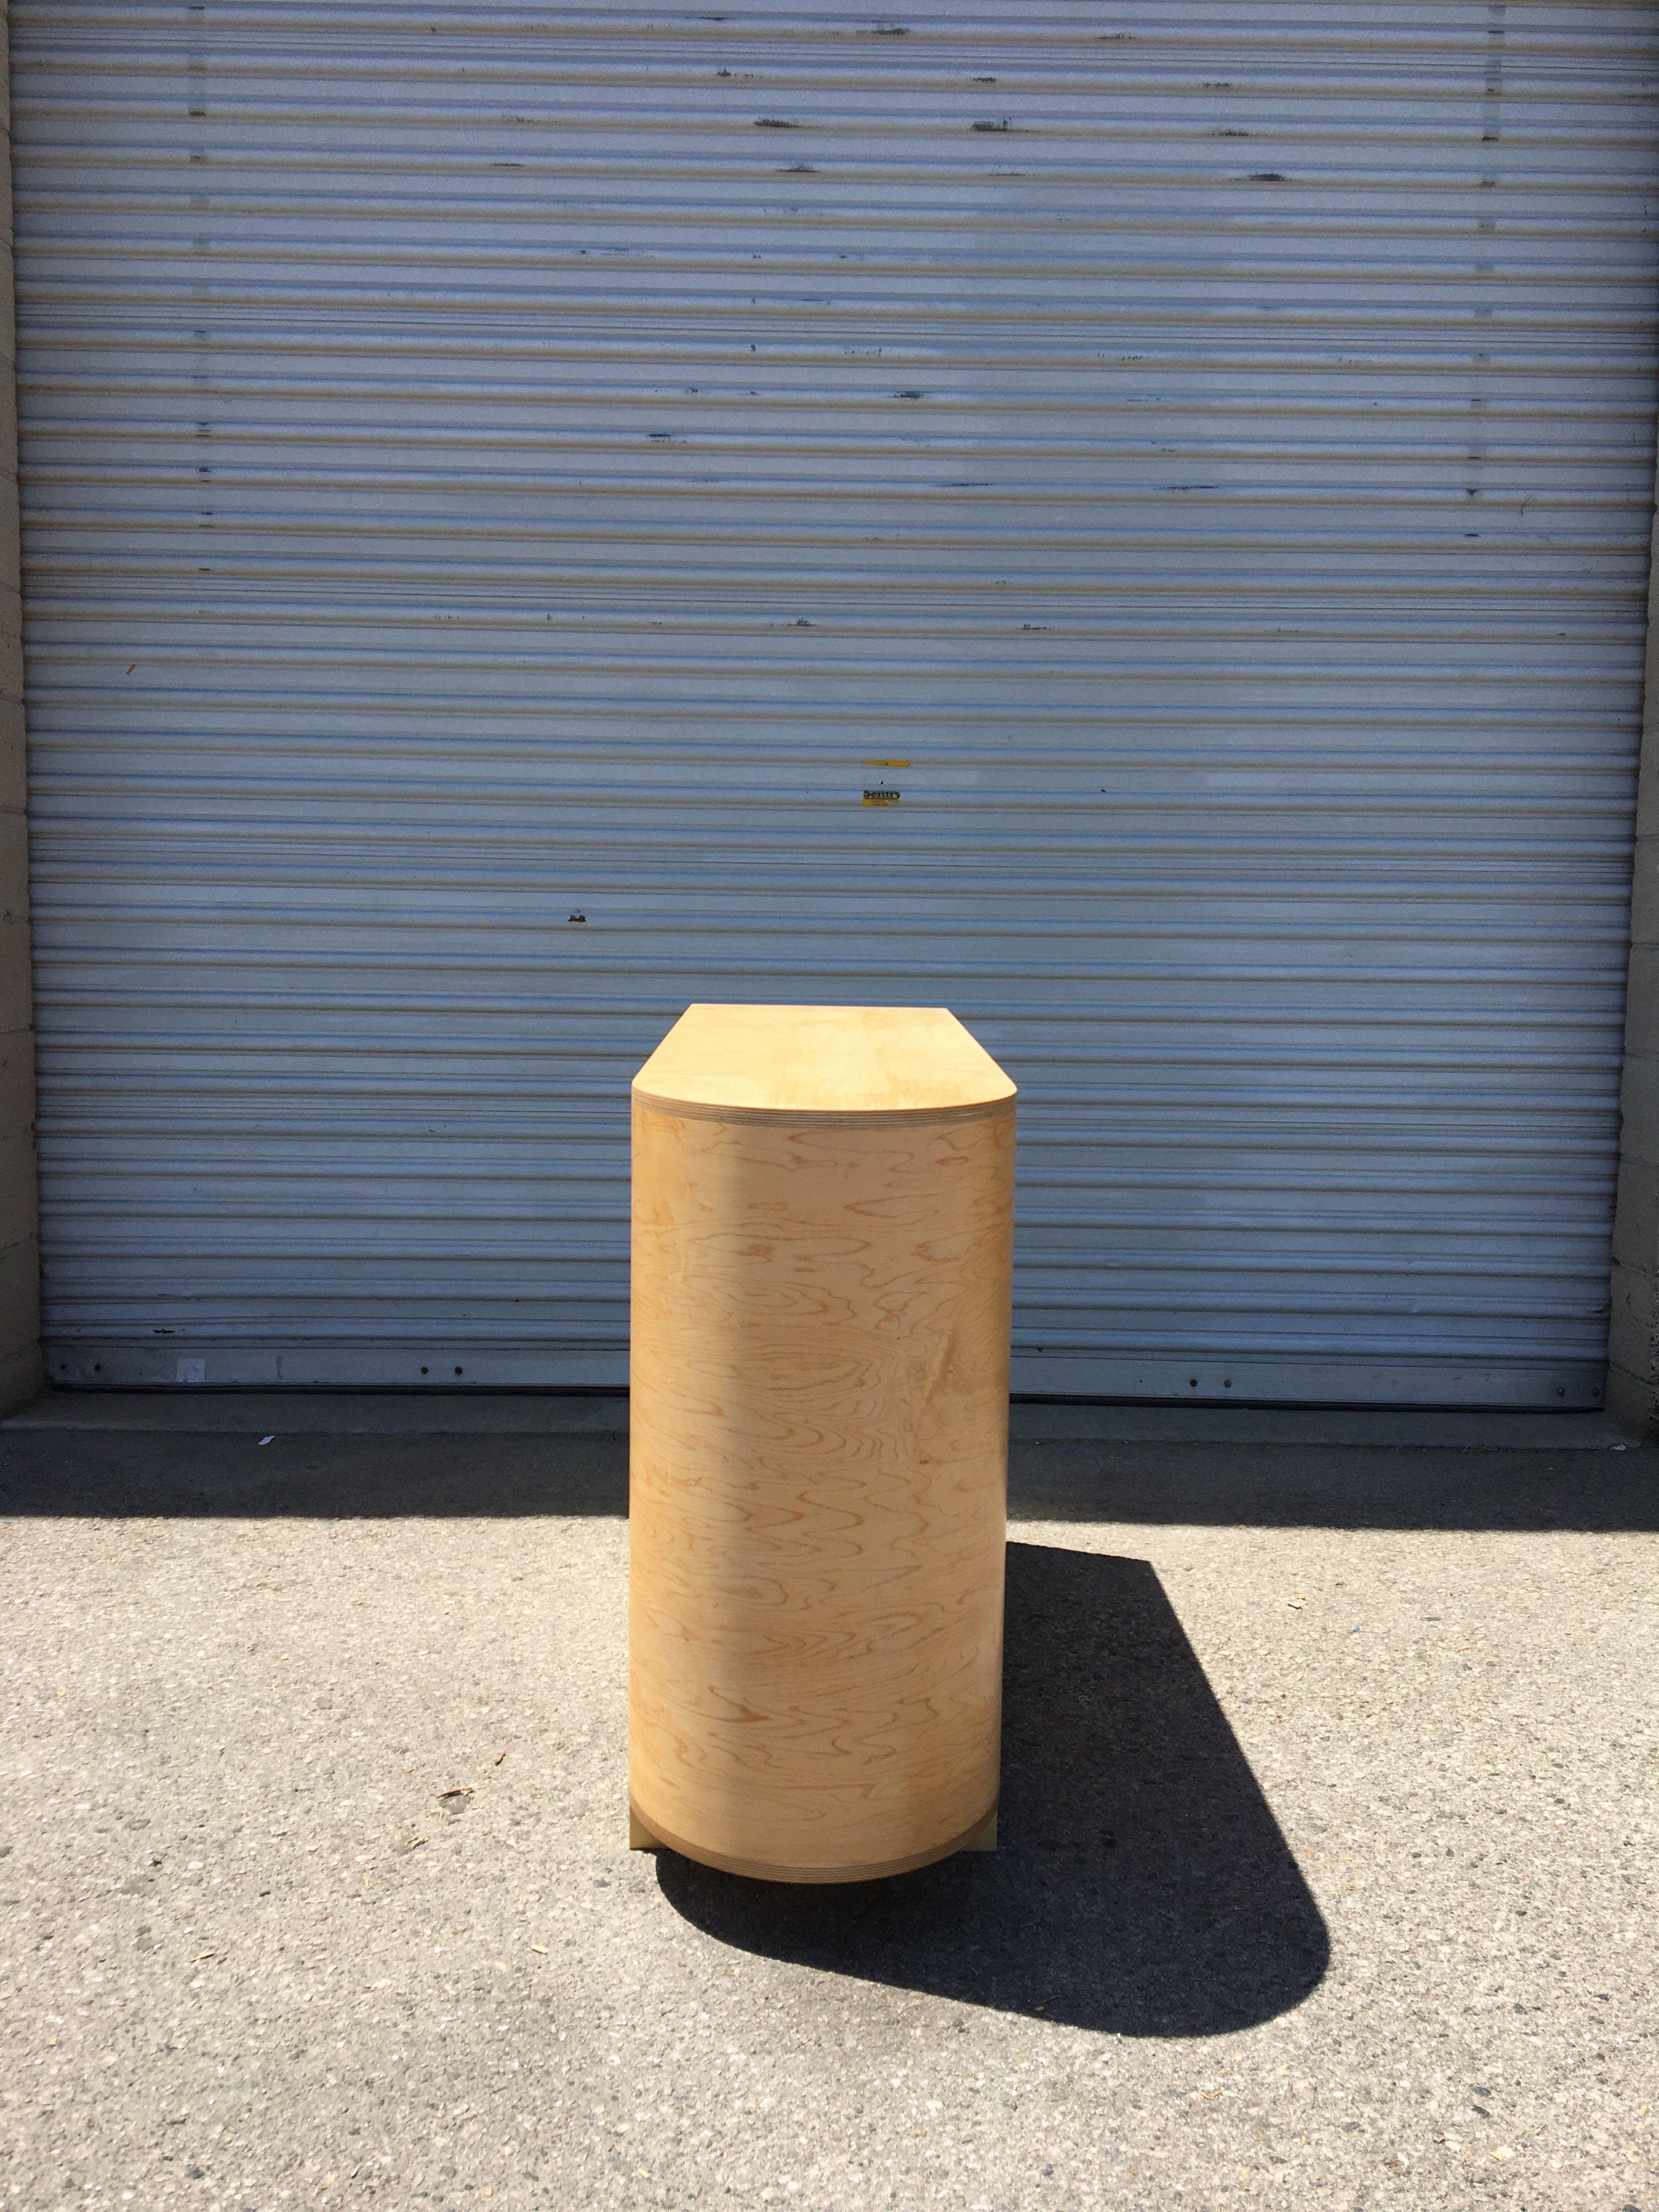 Half-Cylinder Storage Unit product image 3